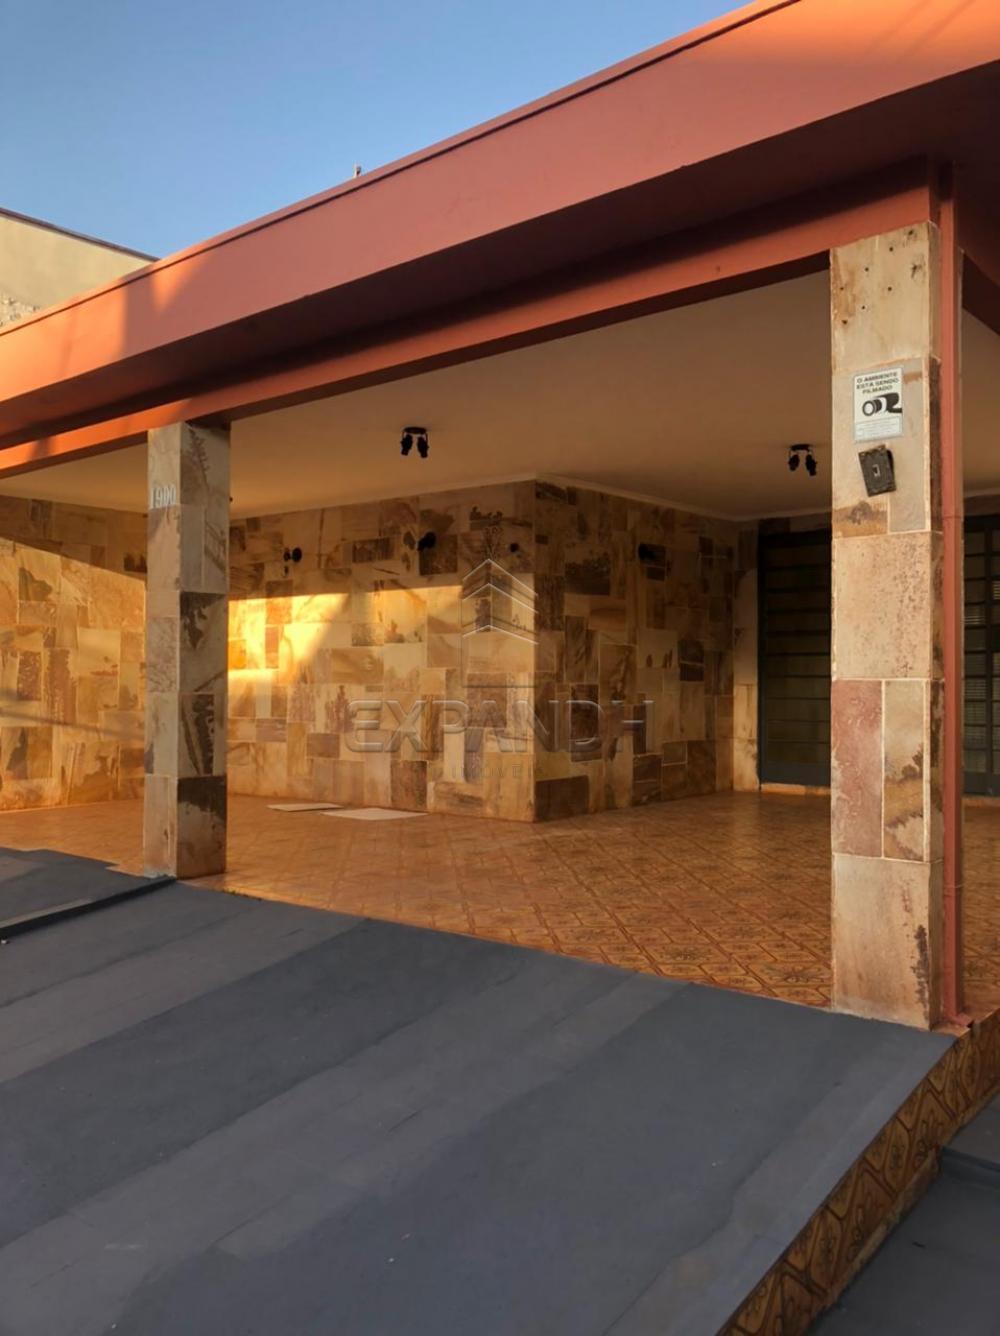 Alugar Casas / Padrão em Sertãozinho R$ 1.500,00 - Foto 2